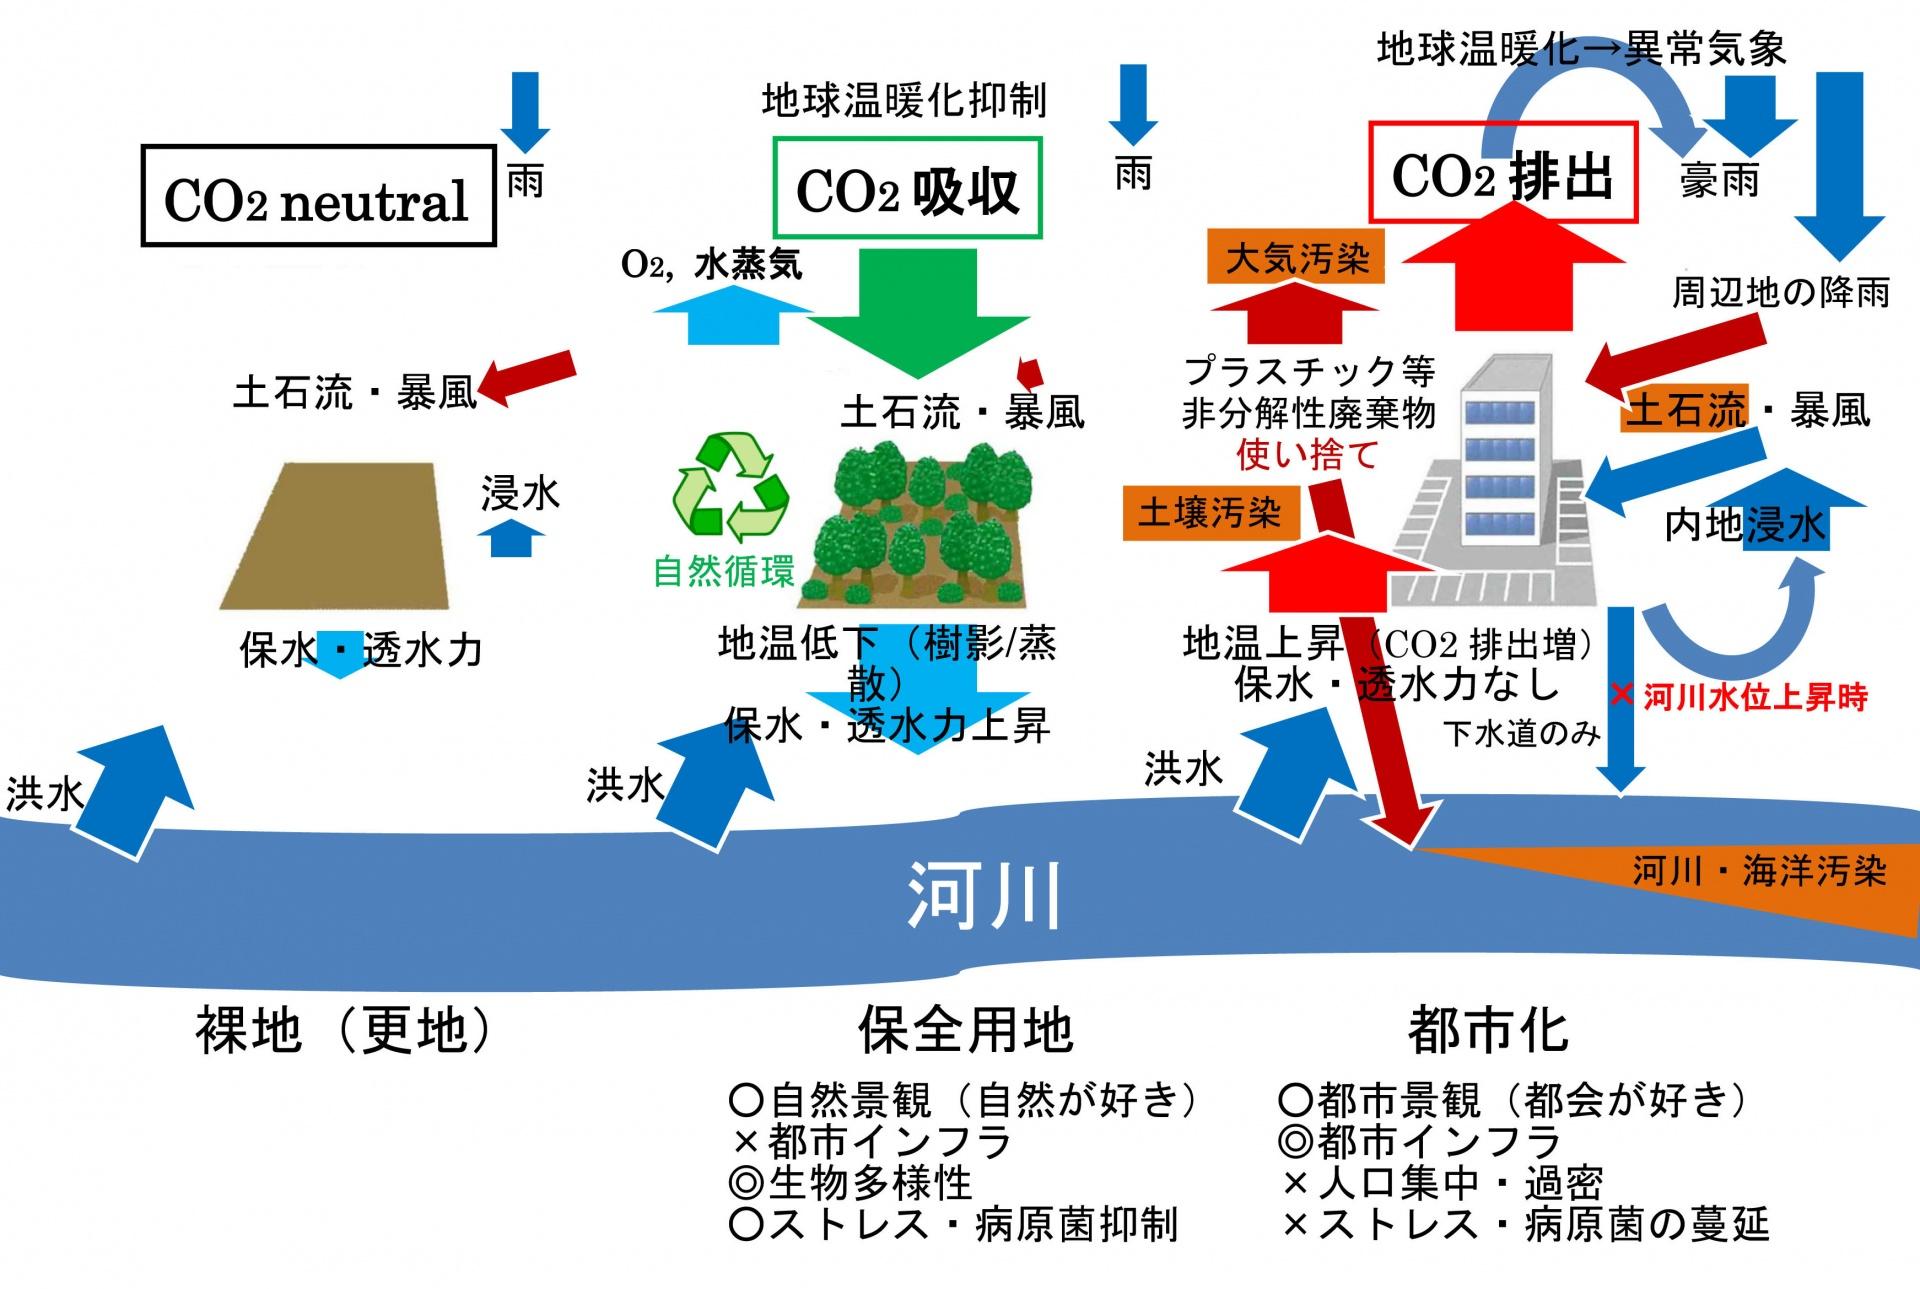 図3.土地の変化と自然環境(裸地,保全用地,都市化のイラストは,広瀬川の清流を守る条例,環境保全区域のあらまし,2018年6月版のものをもとに作成)